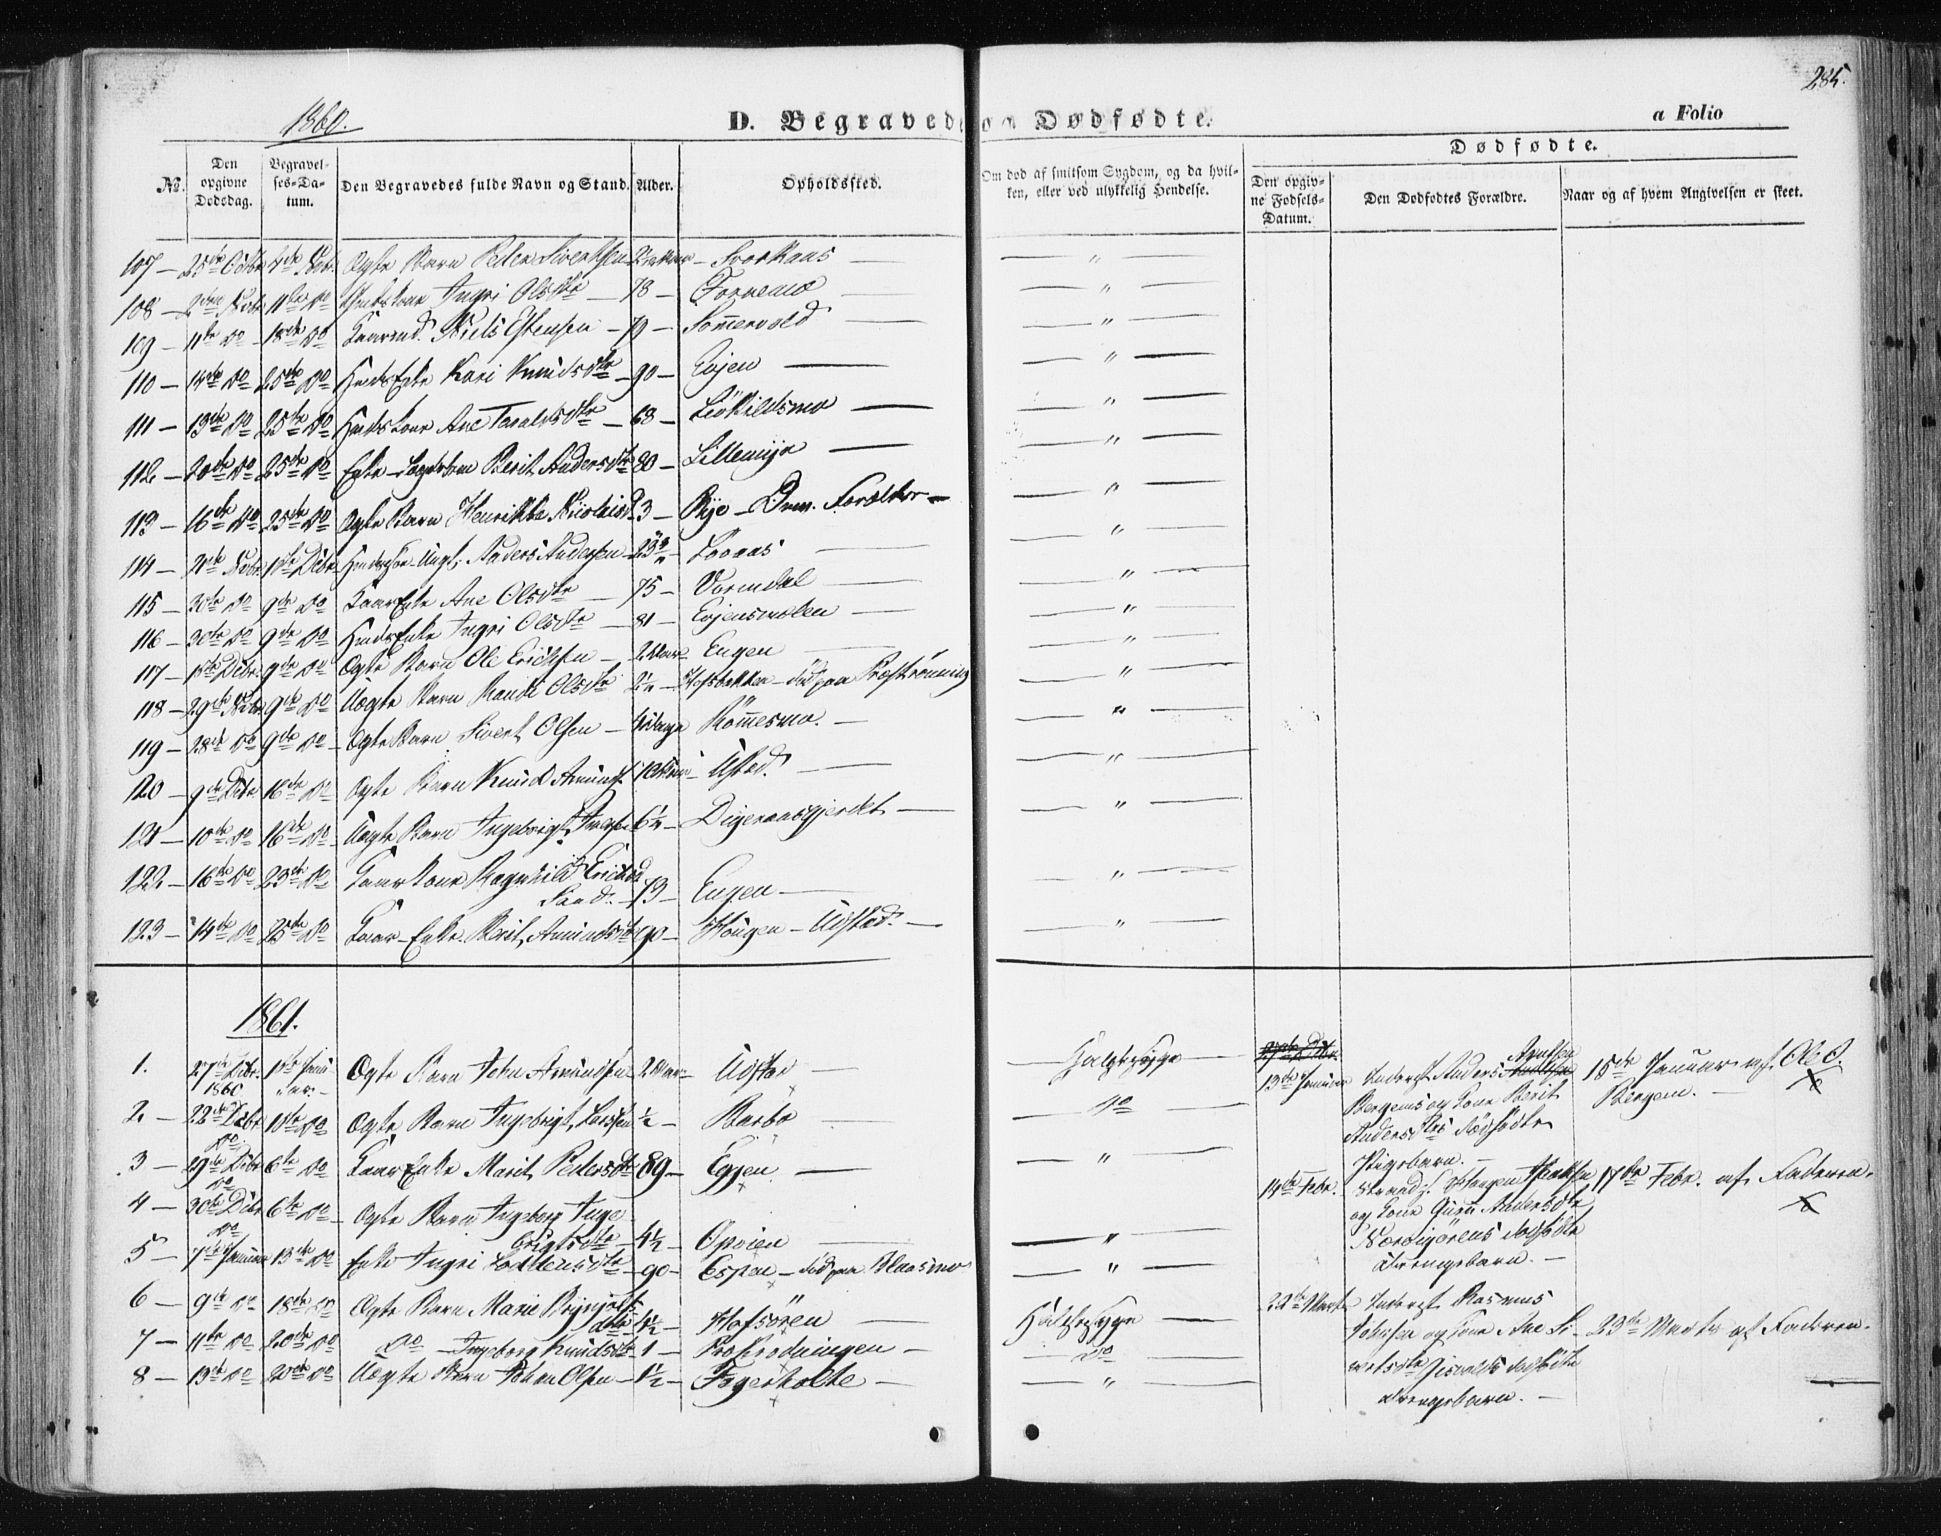 SAT, Ministerialprotokoller, klokkerbøker og fødselsregistre - Sør-Trøndelag, 668/L0806: Ministerialbok nr. 668A06, 1854-1869, s. 285